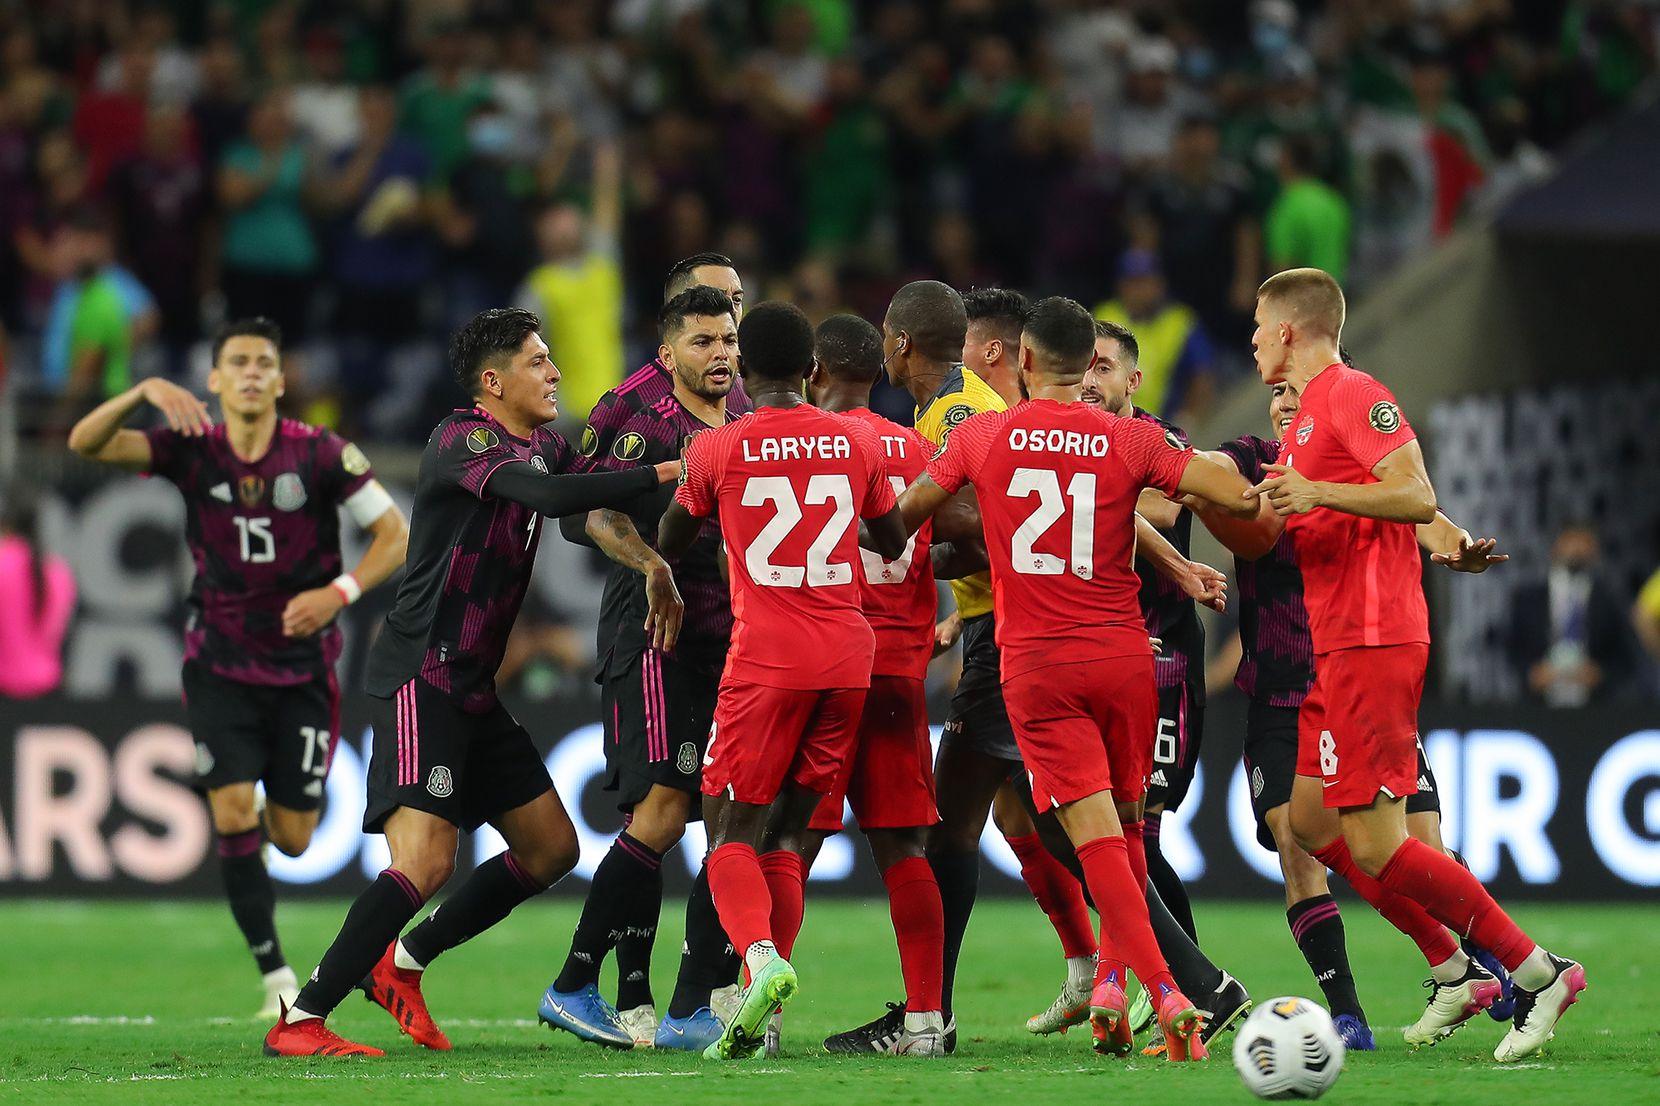 Poco antes de que concluyera el partido se desató una gresca entra las selecciones de México y Canadá. (Foto/Omar Vega)